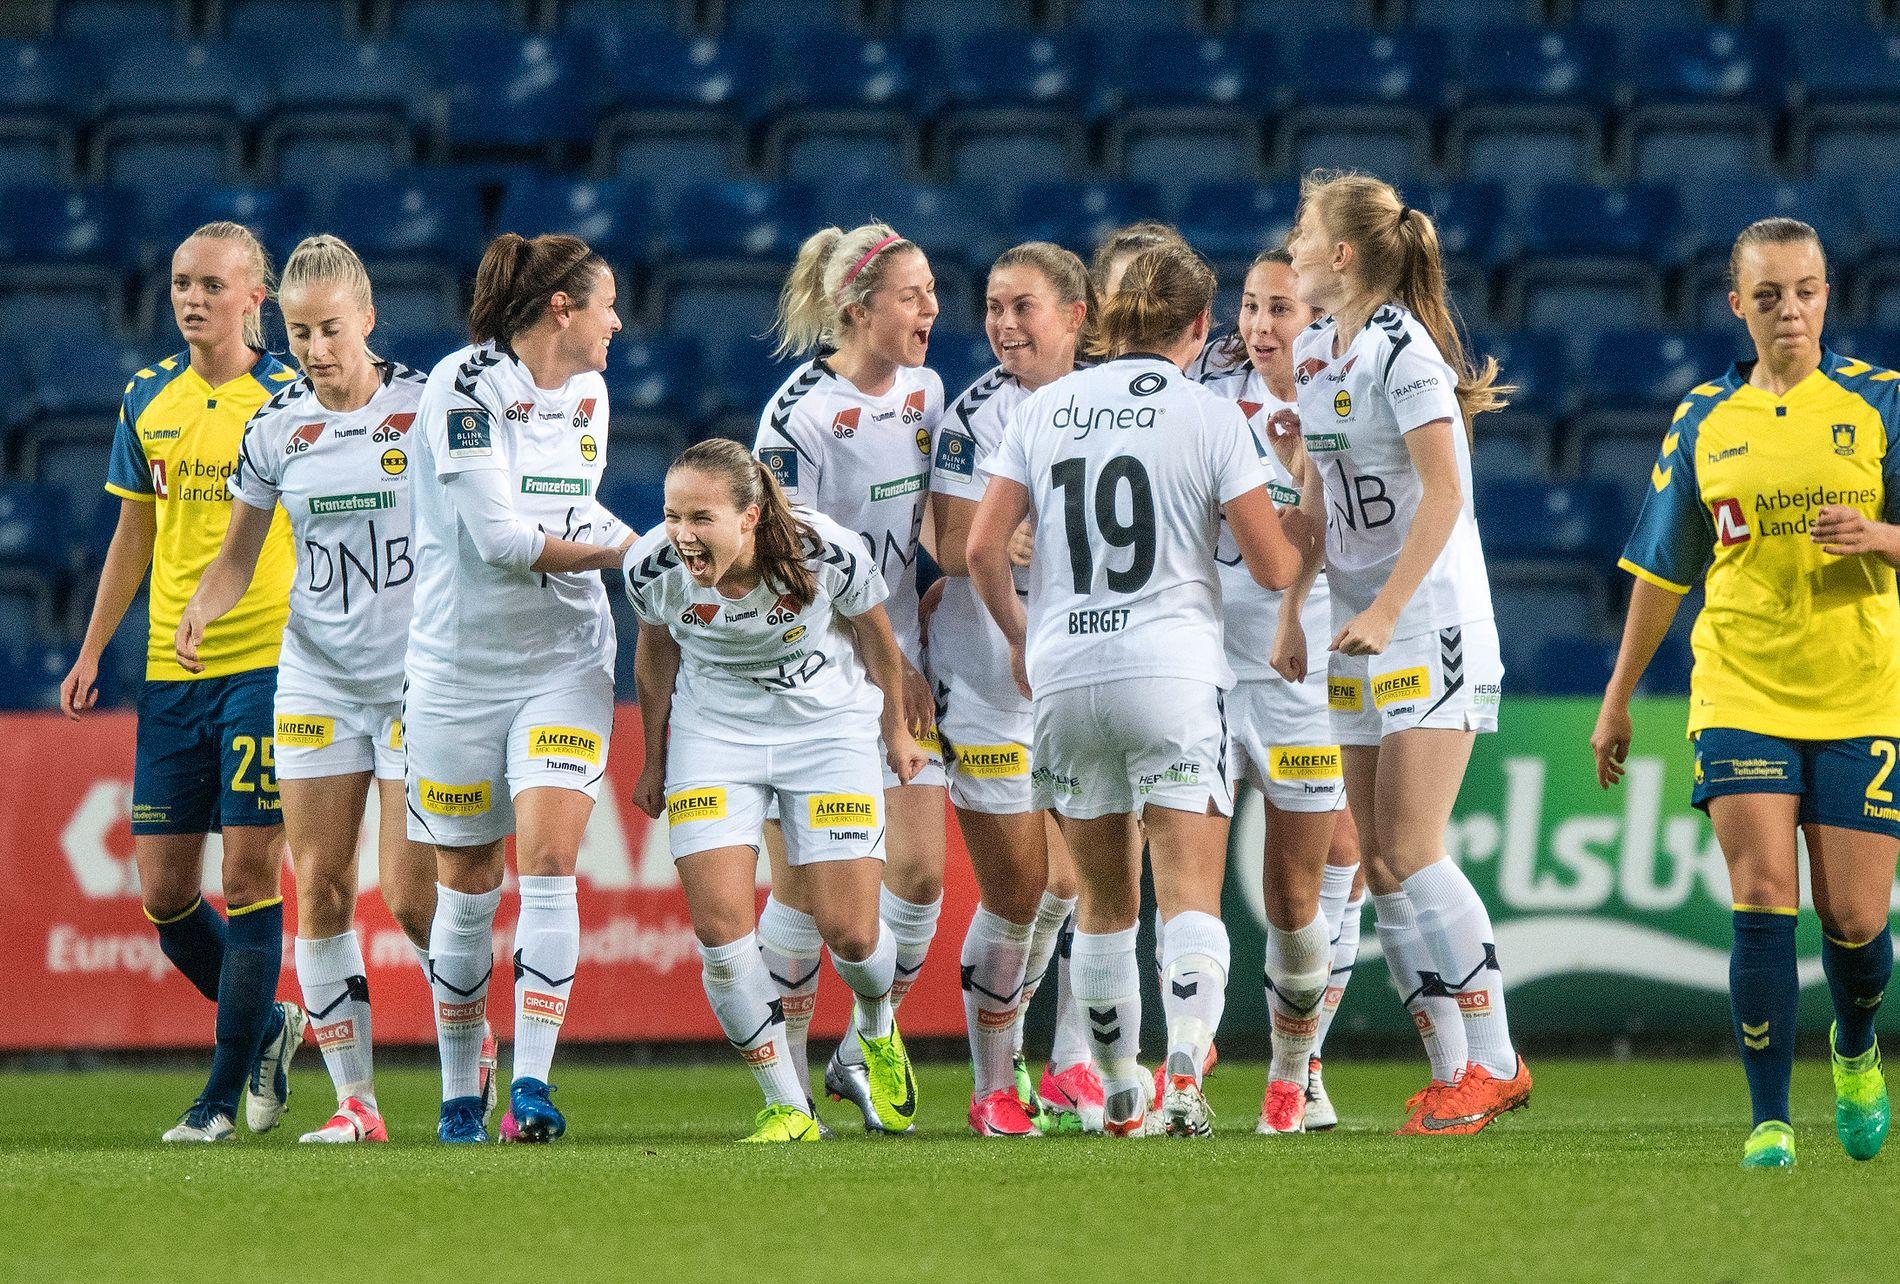 STARTER HJEMME: Det blir engelsk motstand for LSK Kvinner i Champions League. Dette bildet er fra forrige runde mot Brøndby.